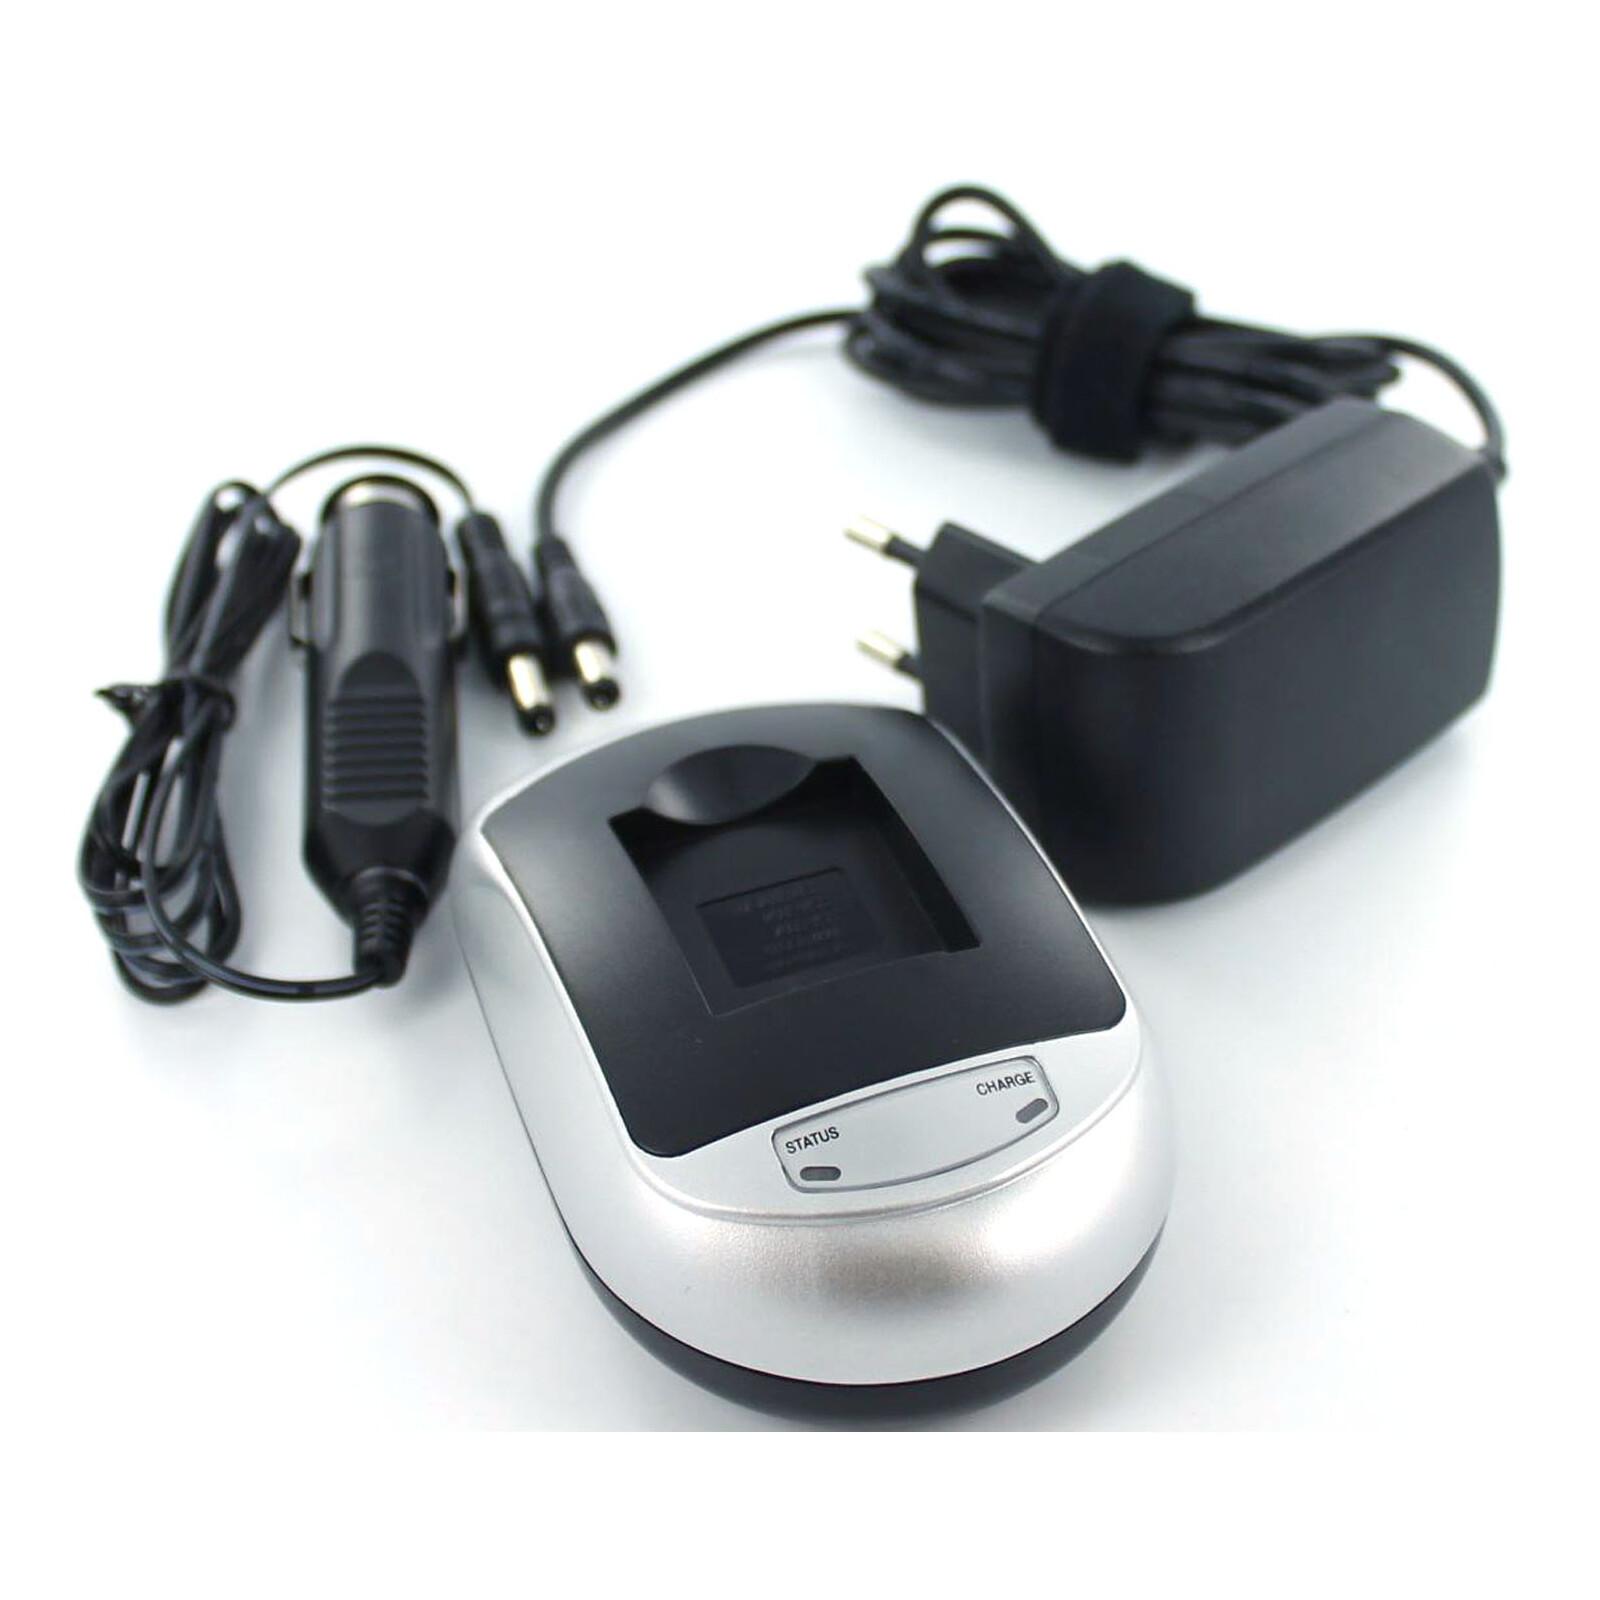 AGI 31728 Ladegerät Sony DSC-HX90